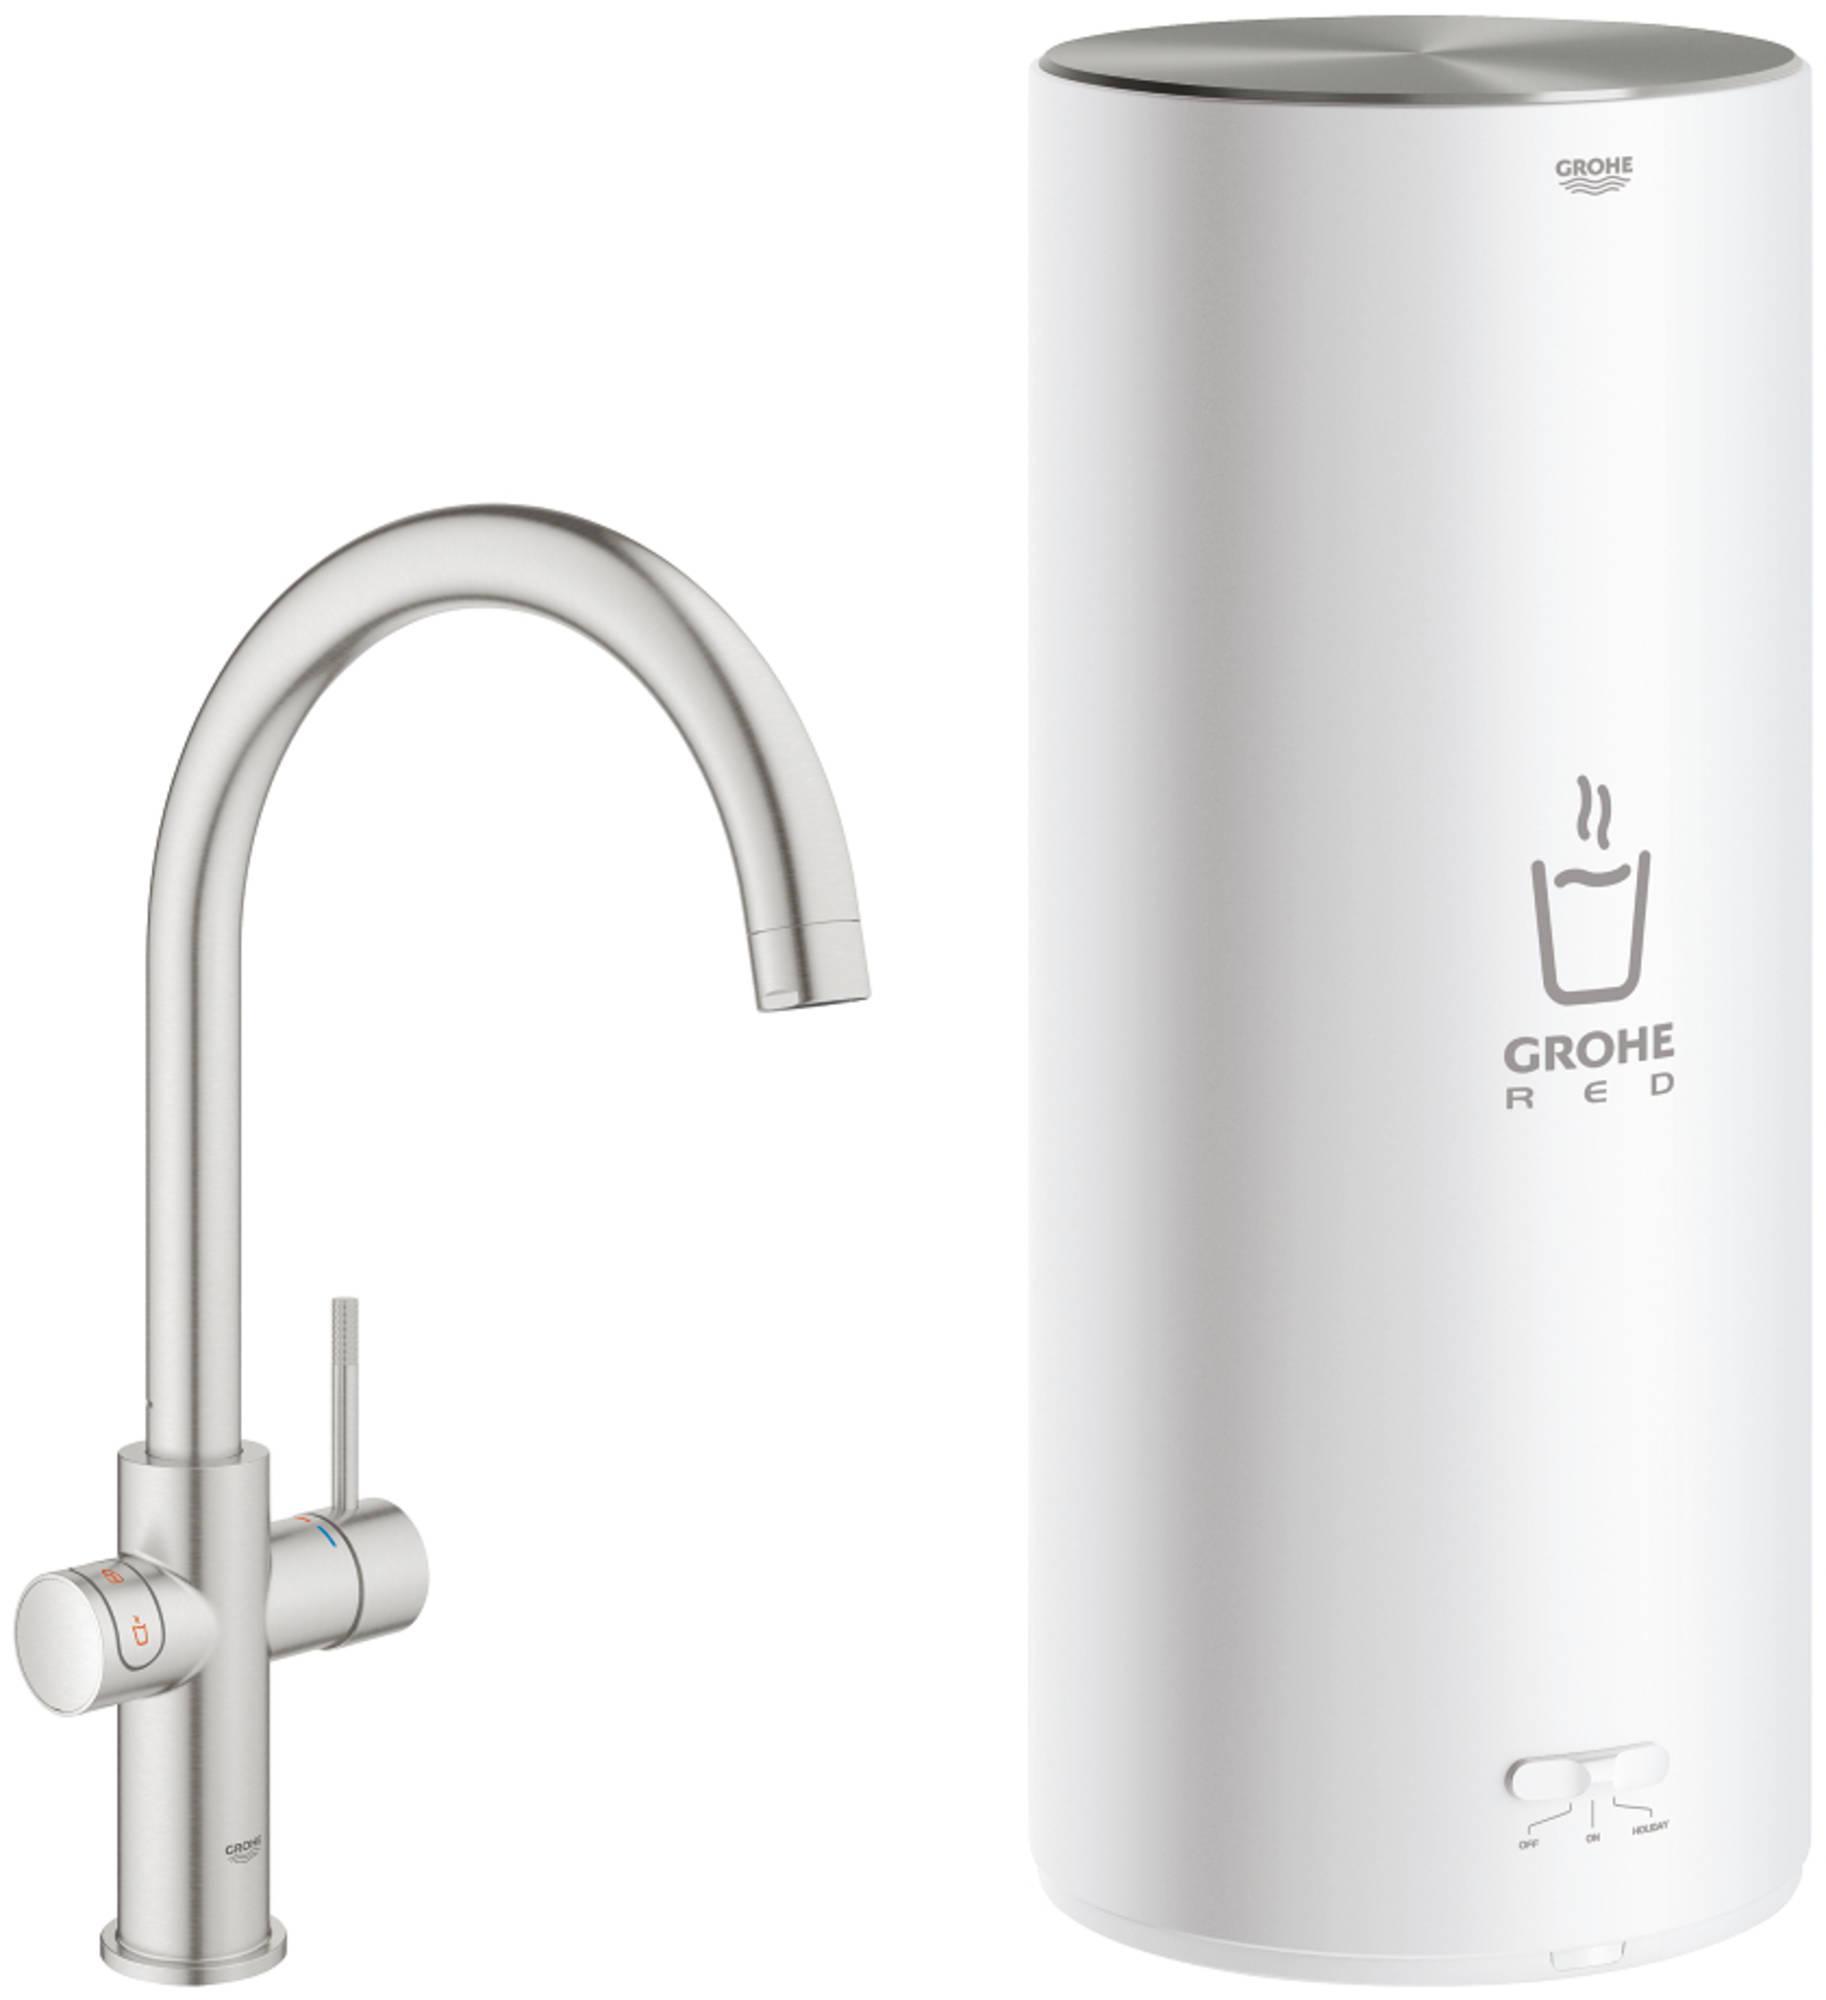 Grohe Red New Duo kokend water kraan met C-uitloop en Combi boiler supersteel